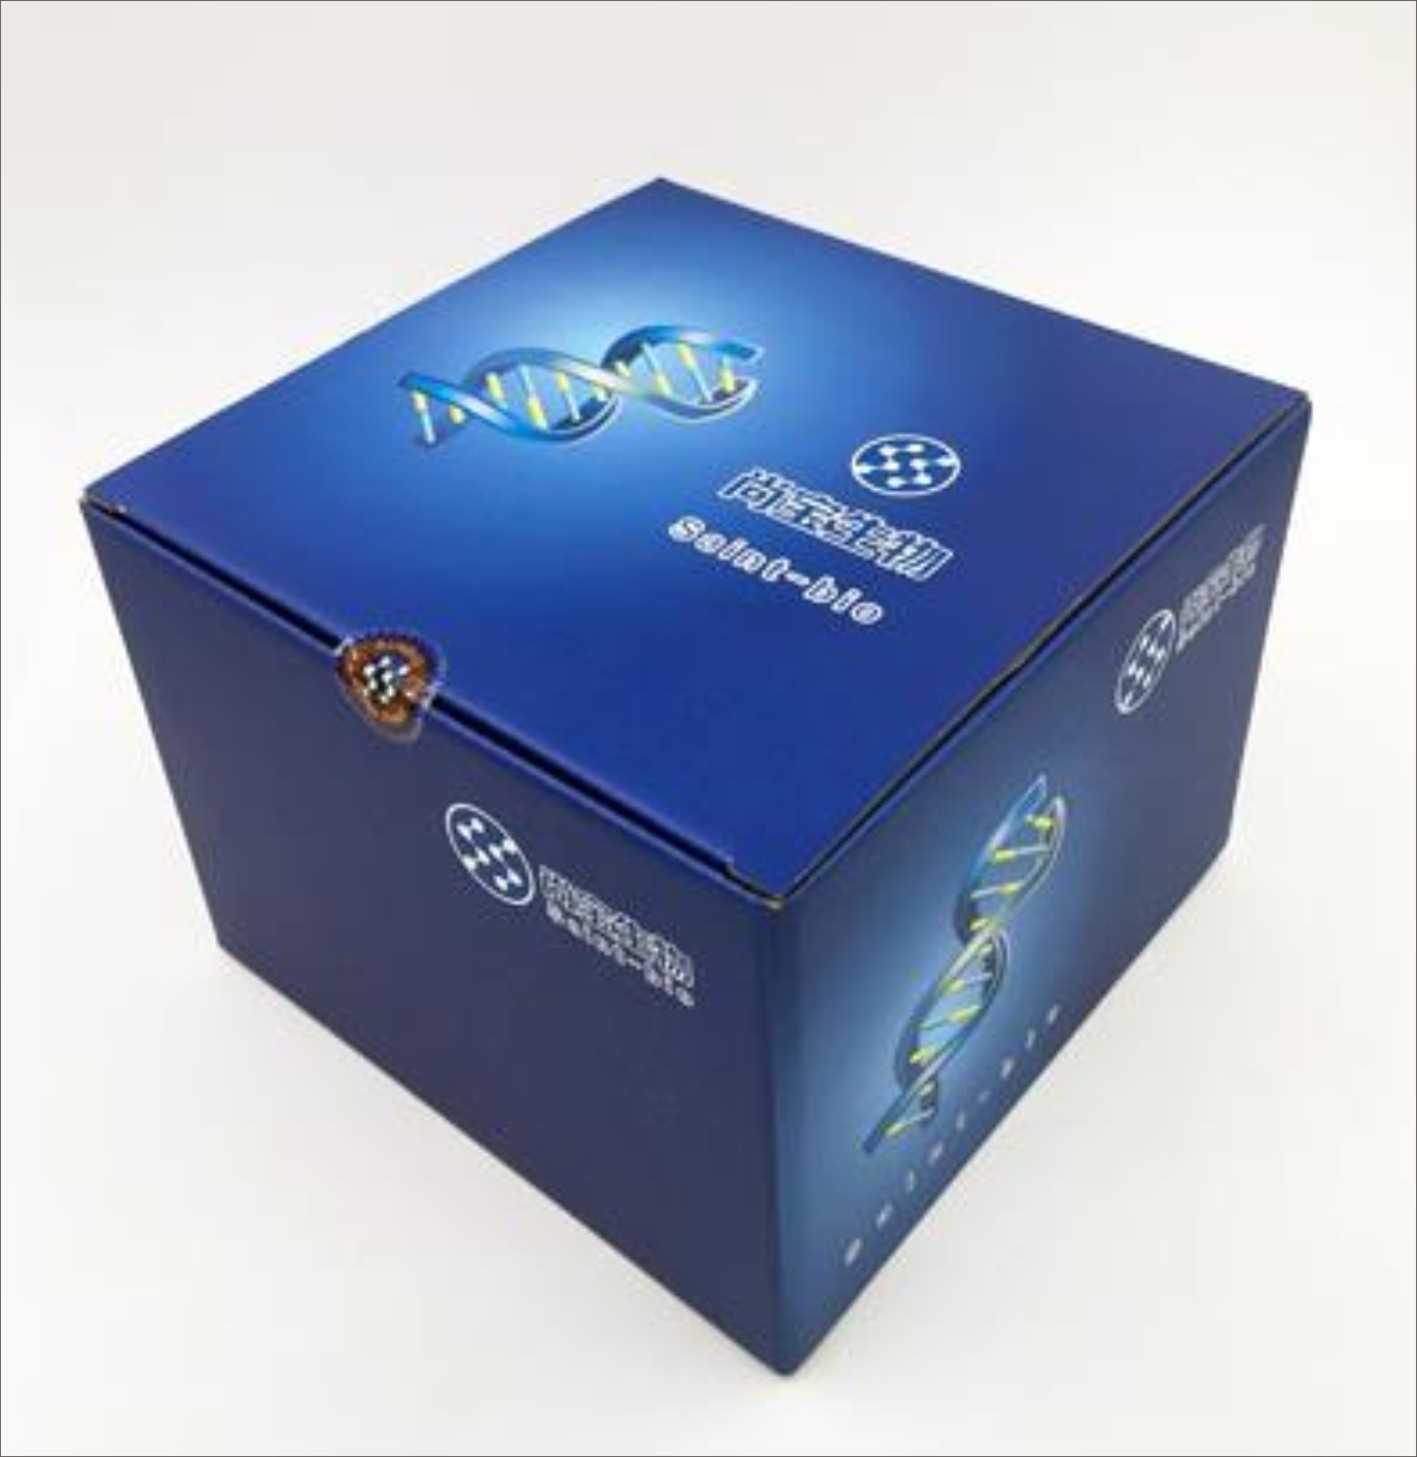 细胞活力/毒性检测试剂盒(增强型CCK-8试剂盒)